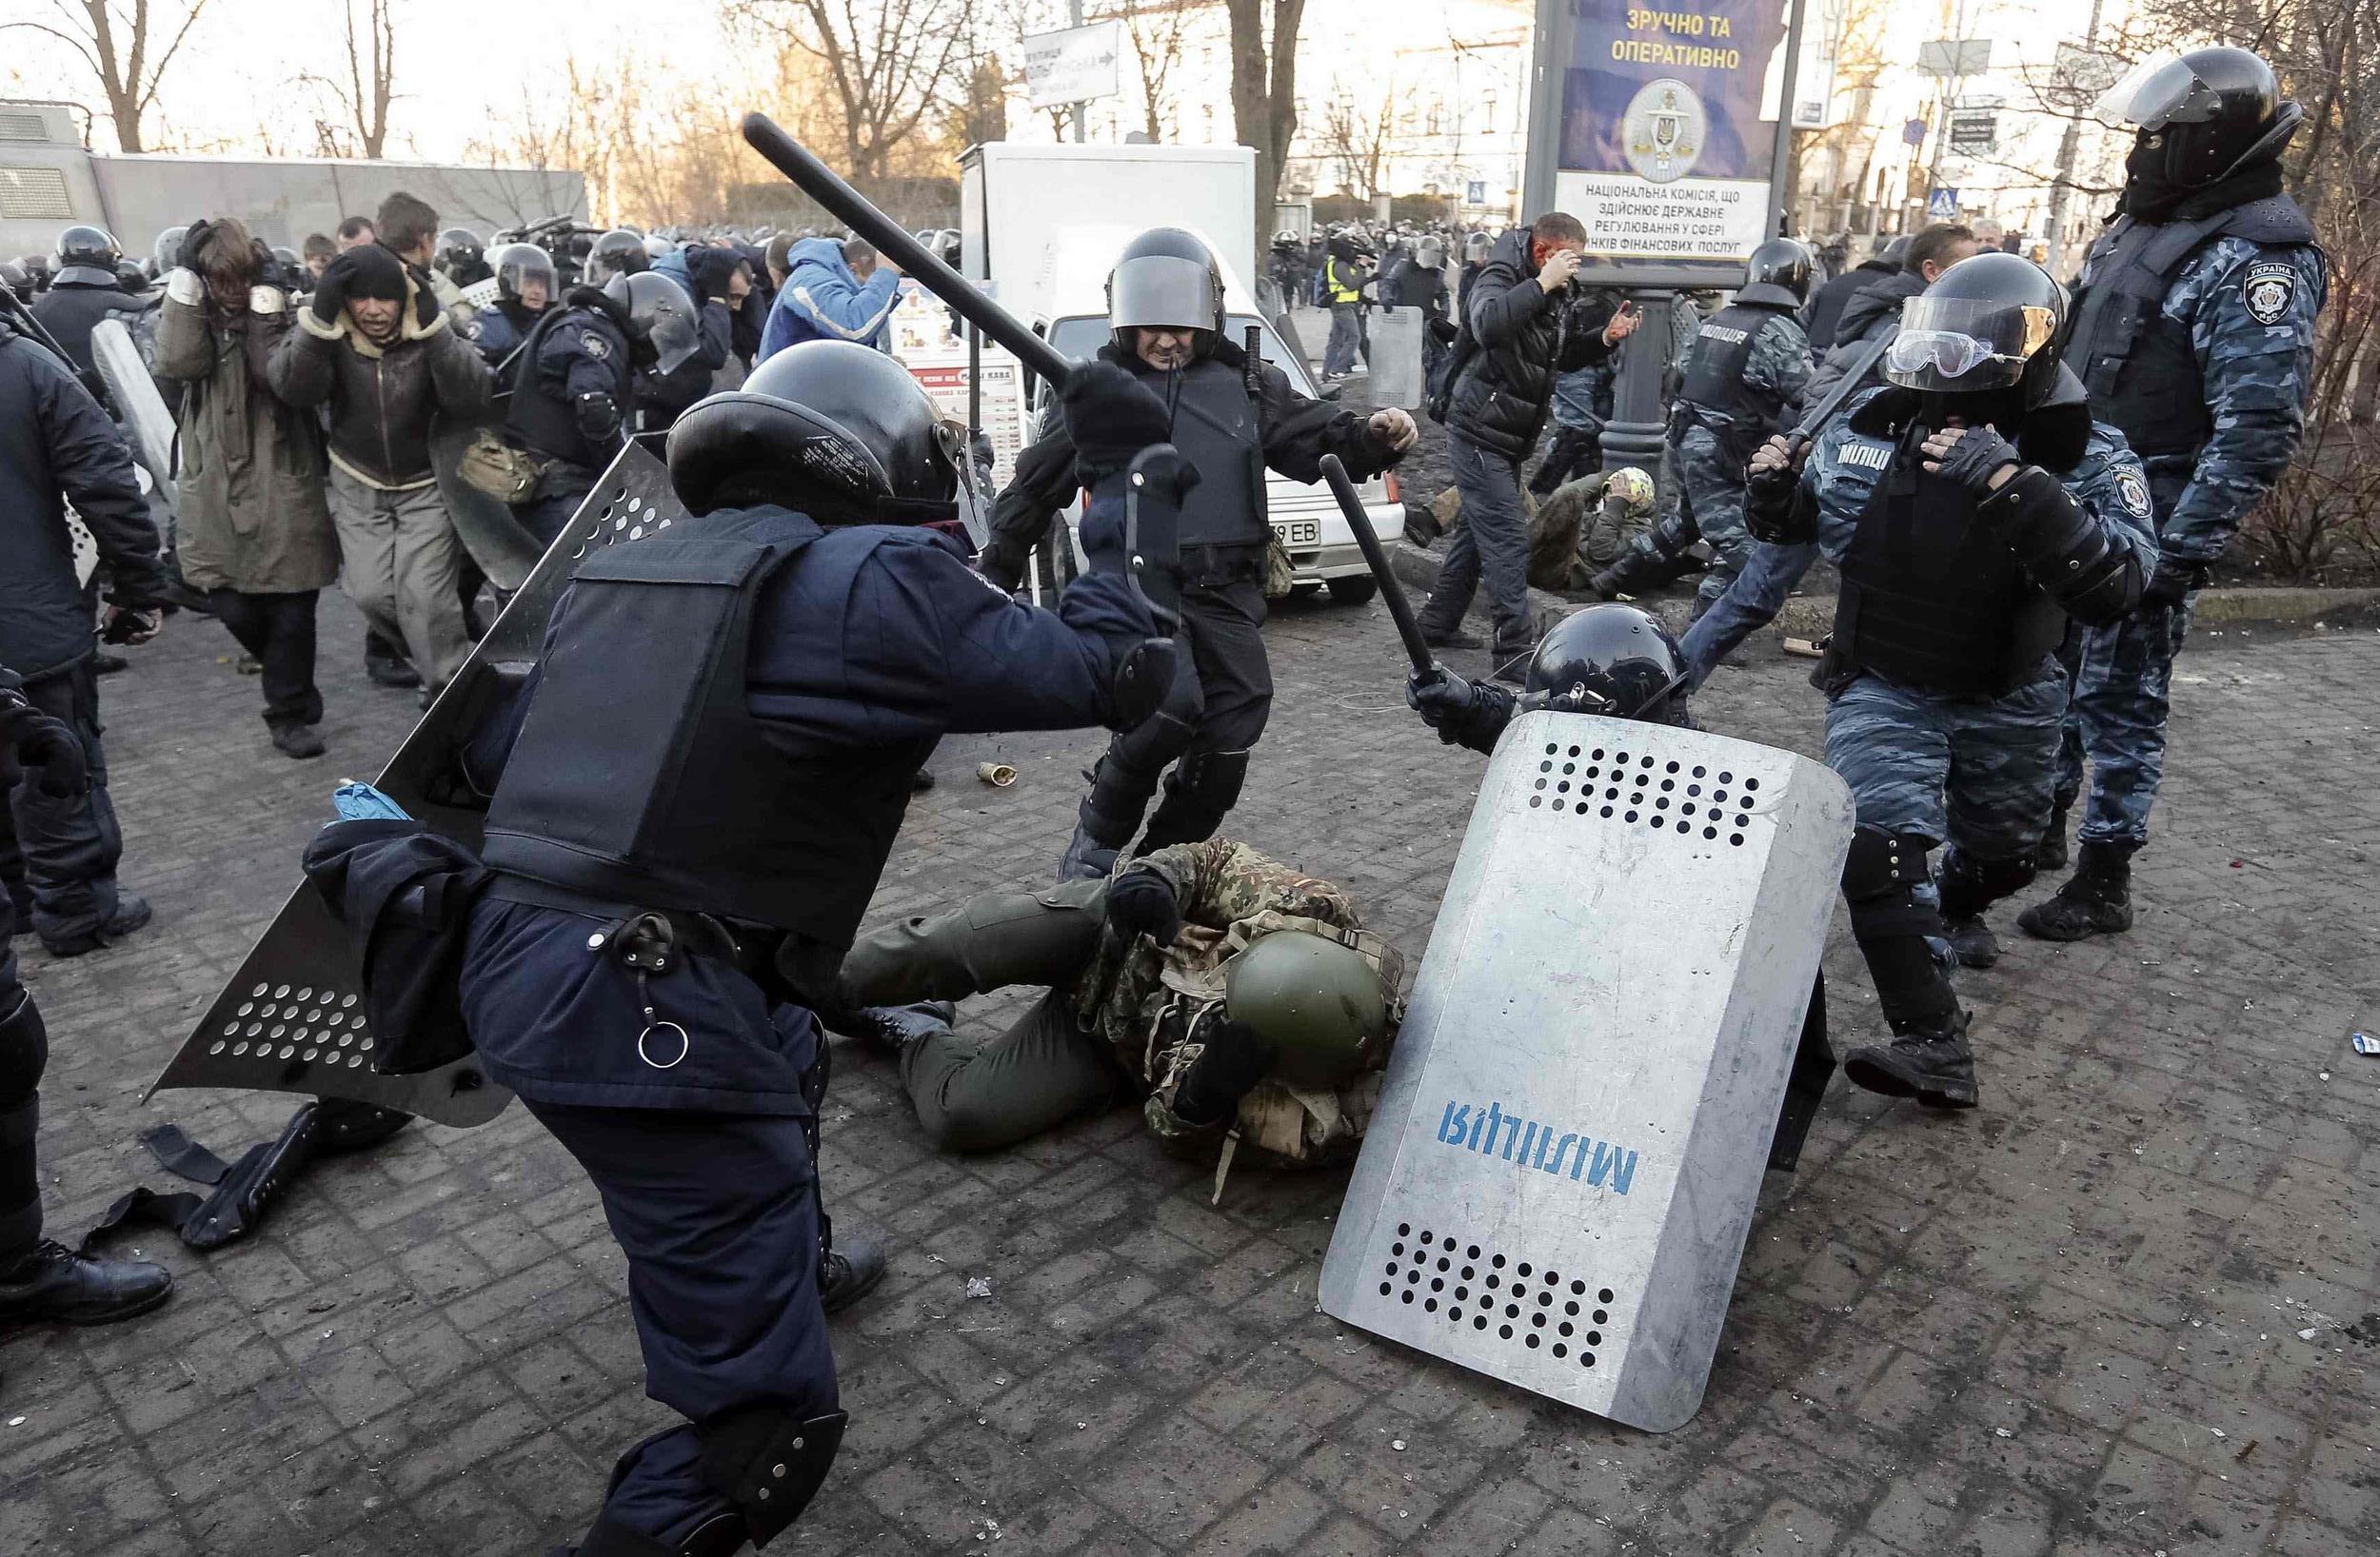 Giao chiến gia tăng tại miền đông Ukraine